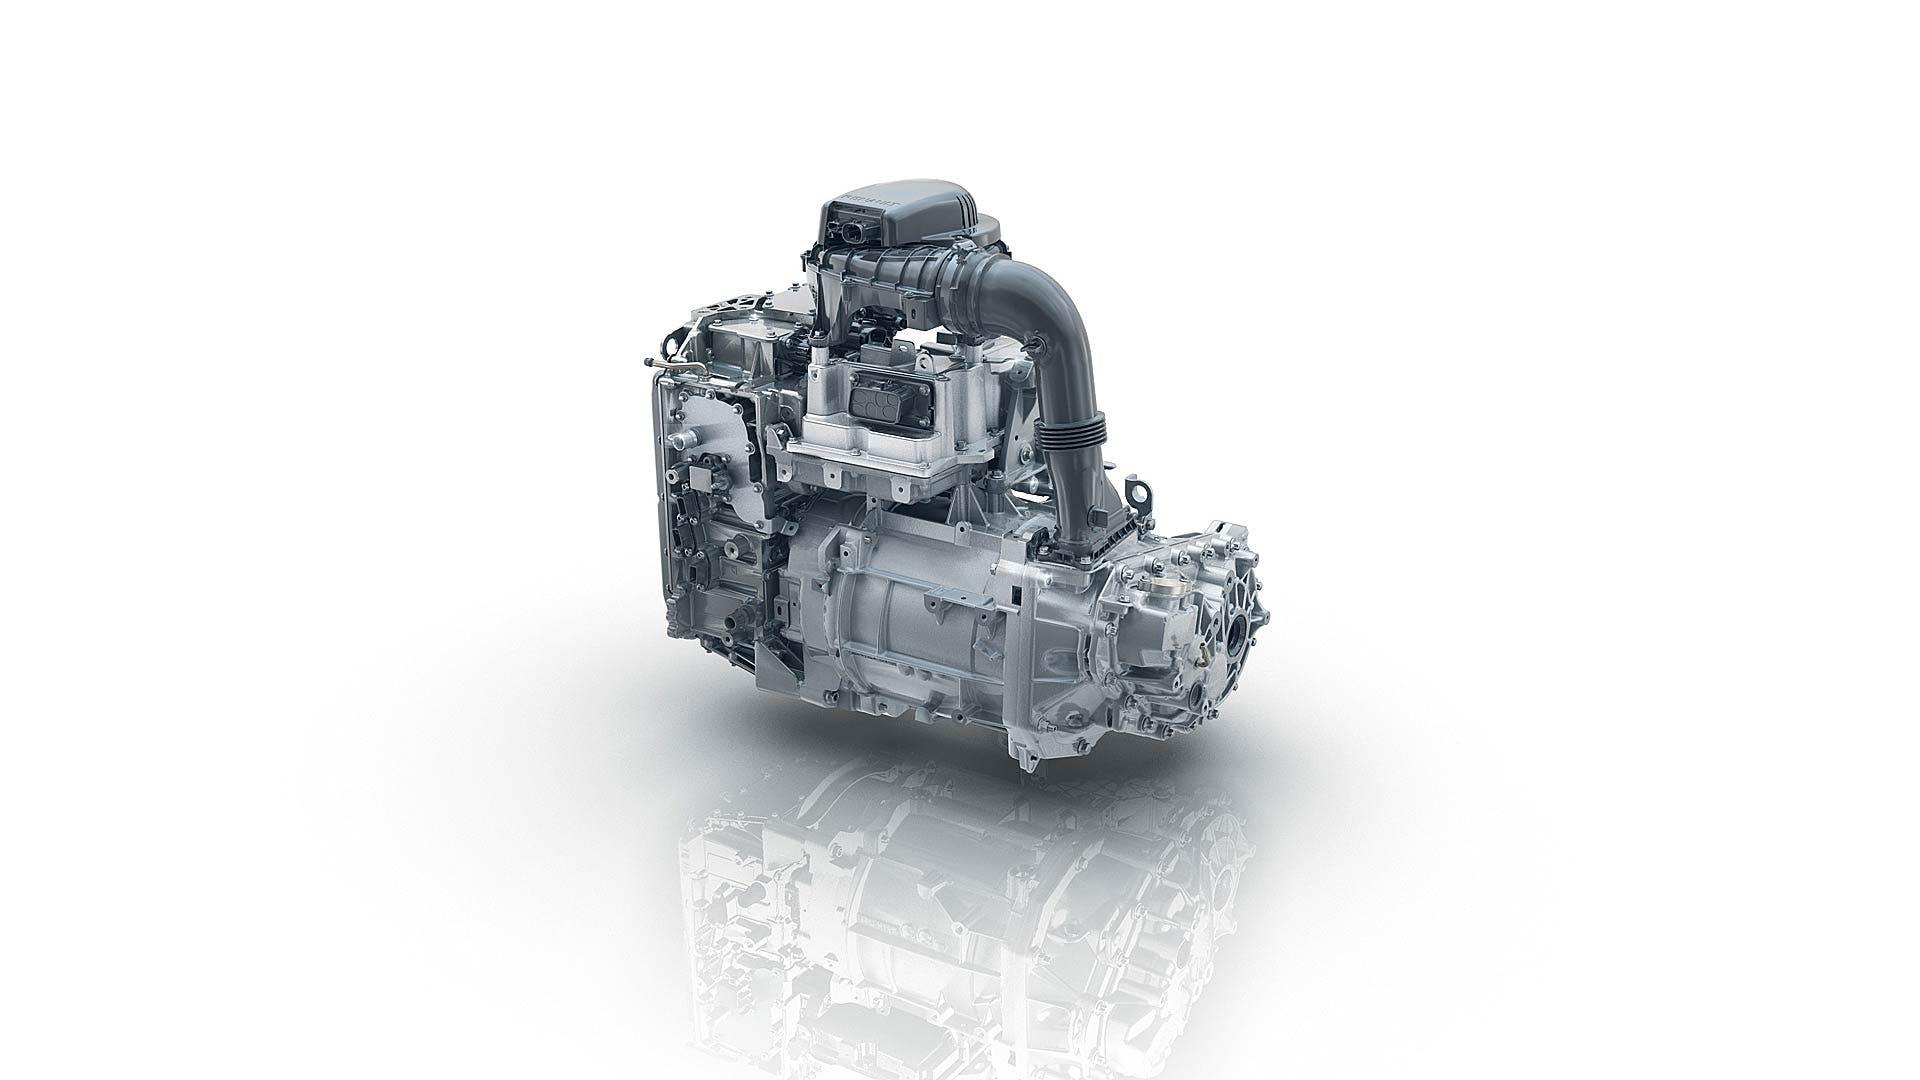 Motore R110 della Renault ZOE